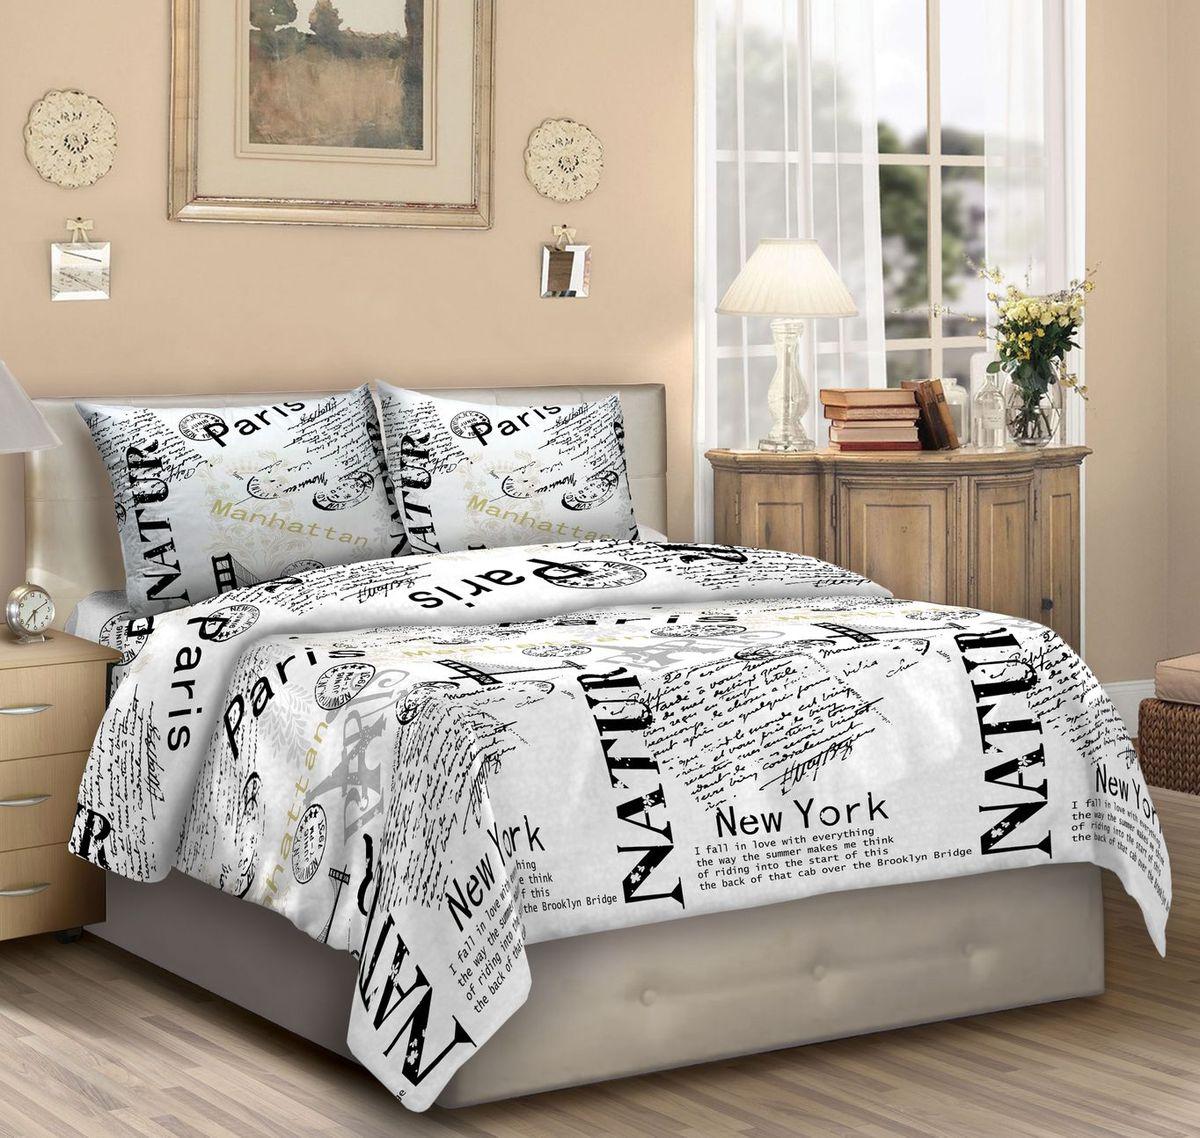 Комплект белья Seta Federico. Urbis, 2-спальный, наволочки 50х70015735268Бязевое белье выдерживает бесконечное число стирок, к тому же стоит сравнительно недорого. Лучшее соотношение цены, качества ткани и современных дизайнов.